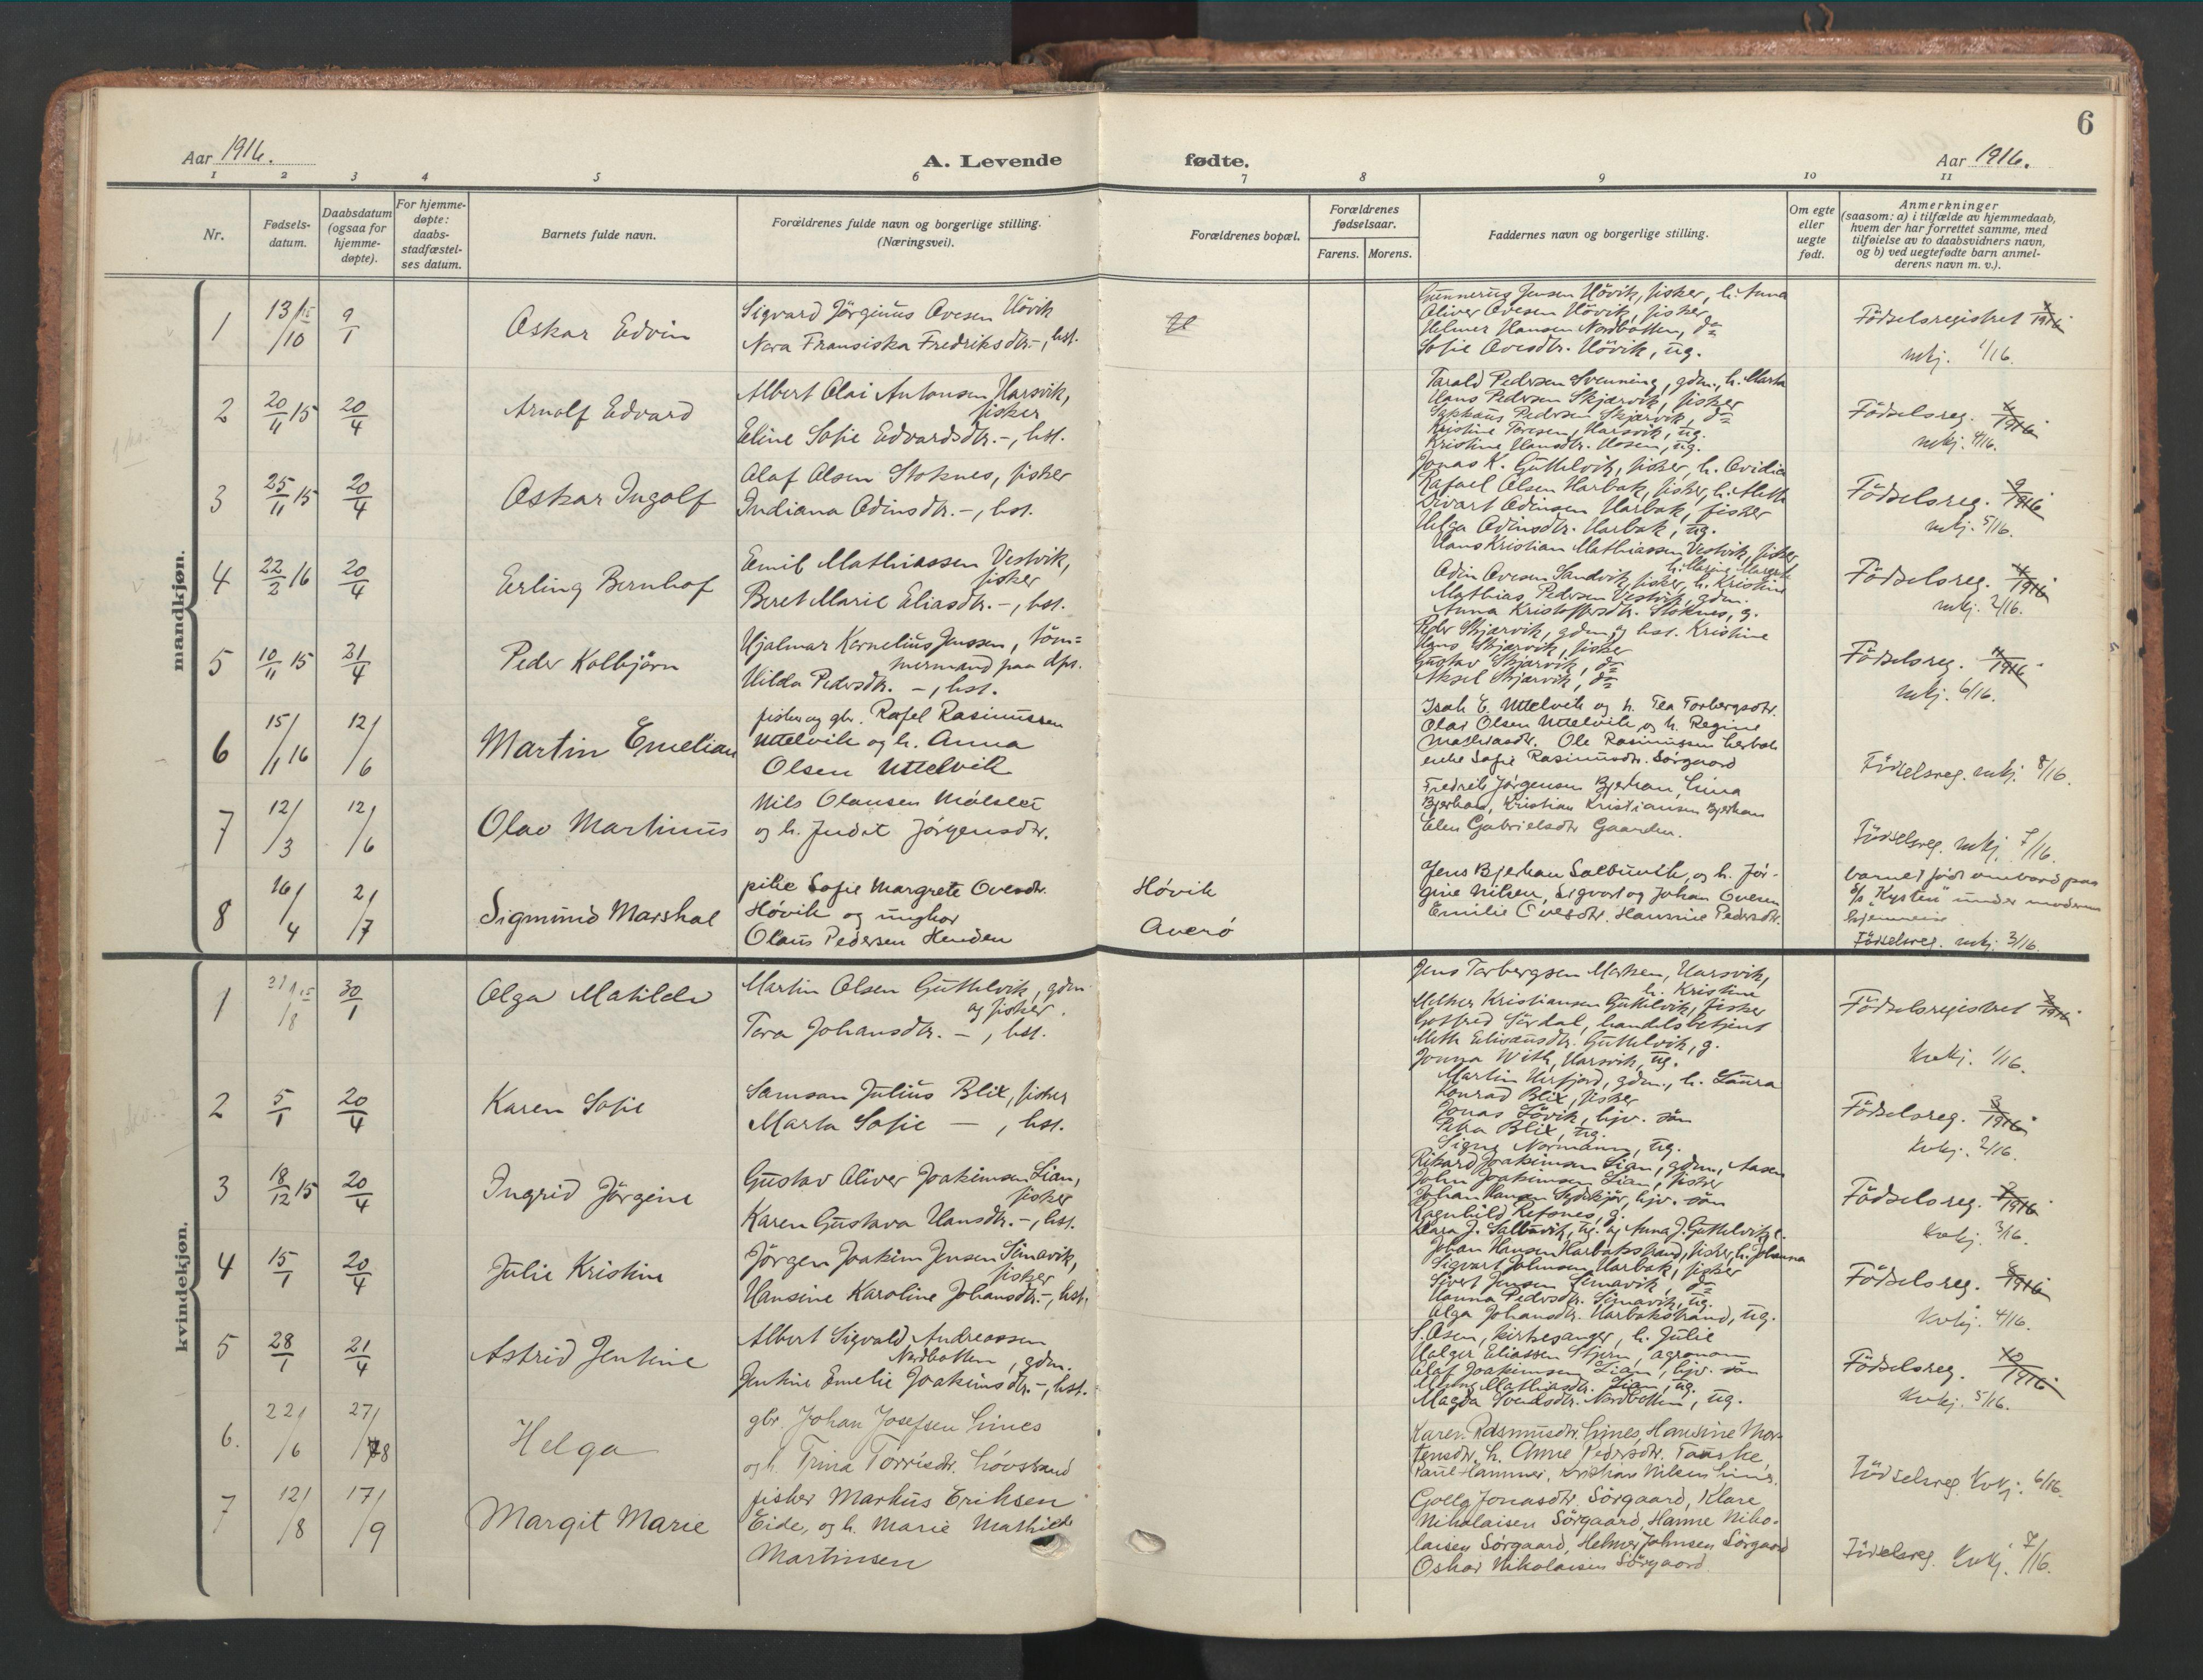 SAT, Ministerialprotokoller, klokkerbøker og fødselsregistre - Sør-Trøndelag, 656/L0694: Ministerialbok nr. 656A03, 1914-1931, s. 6